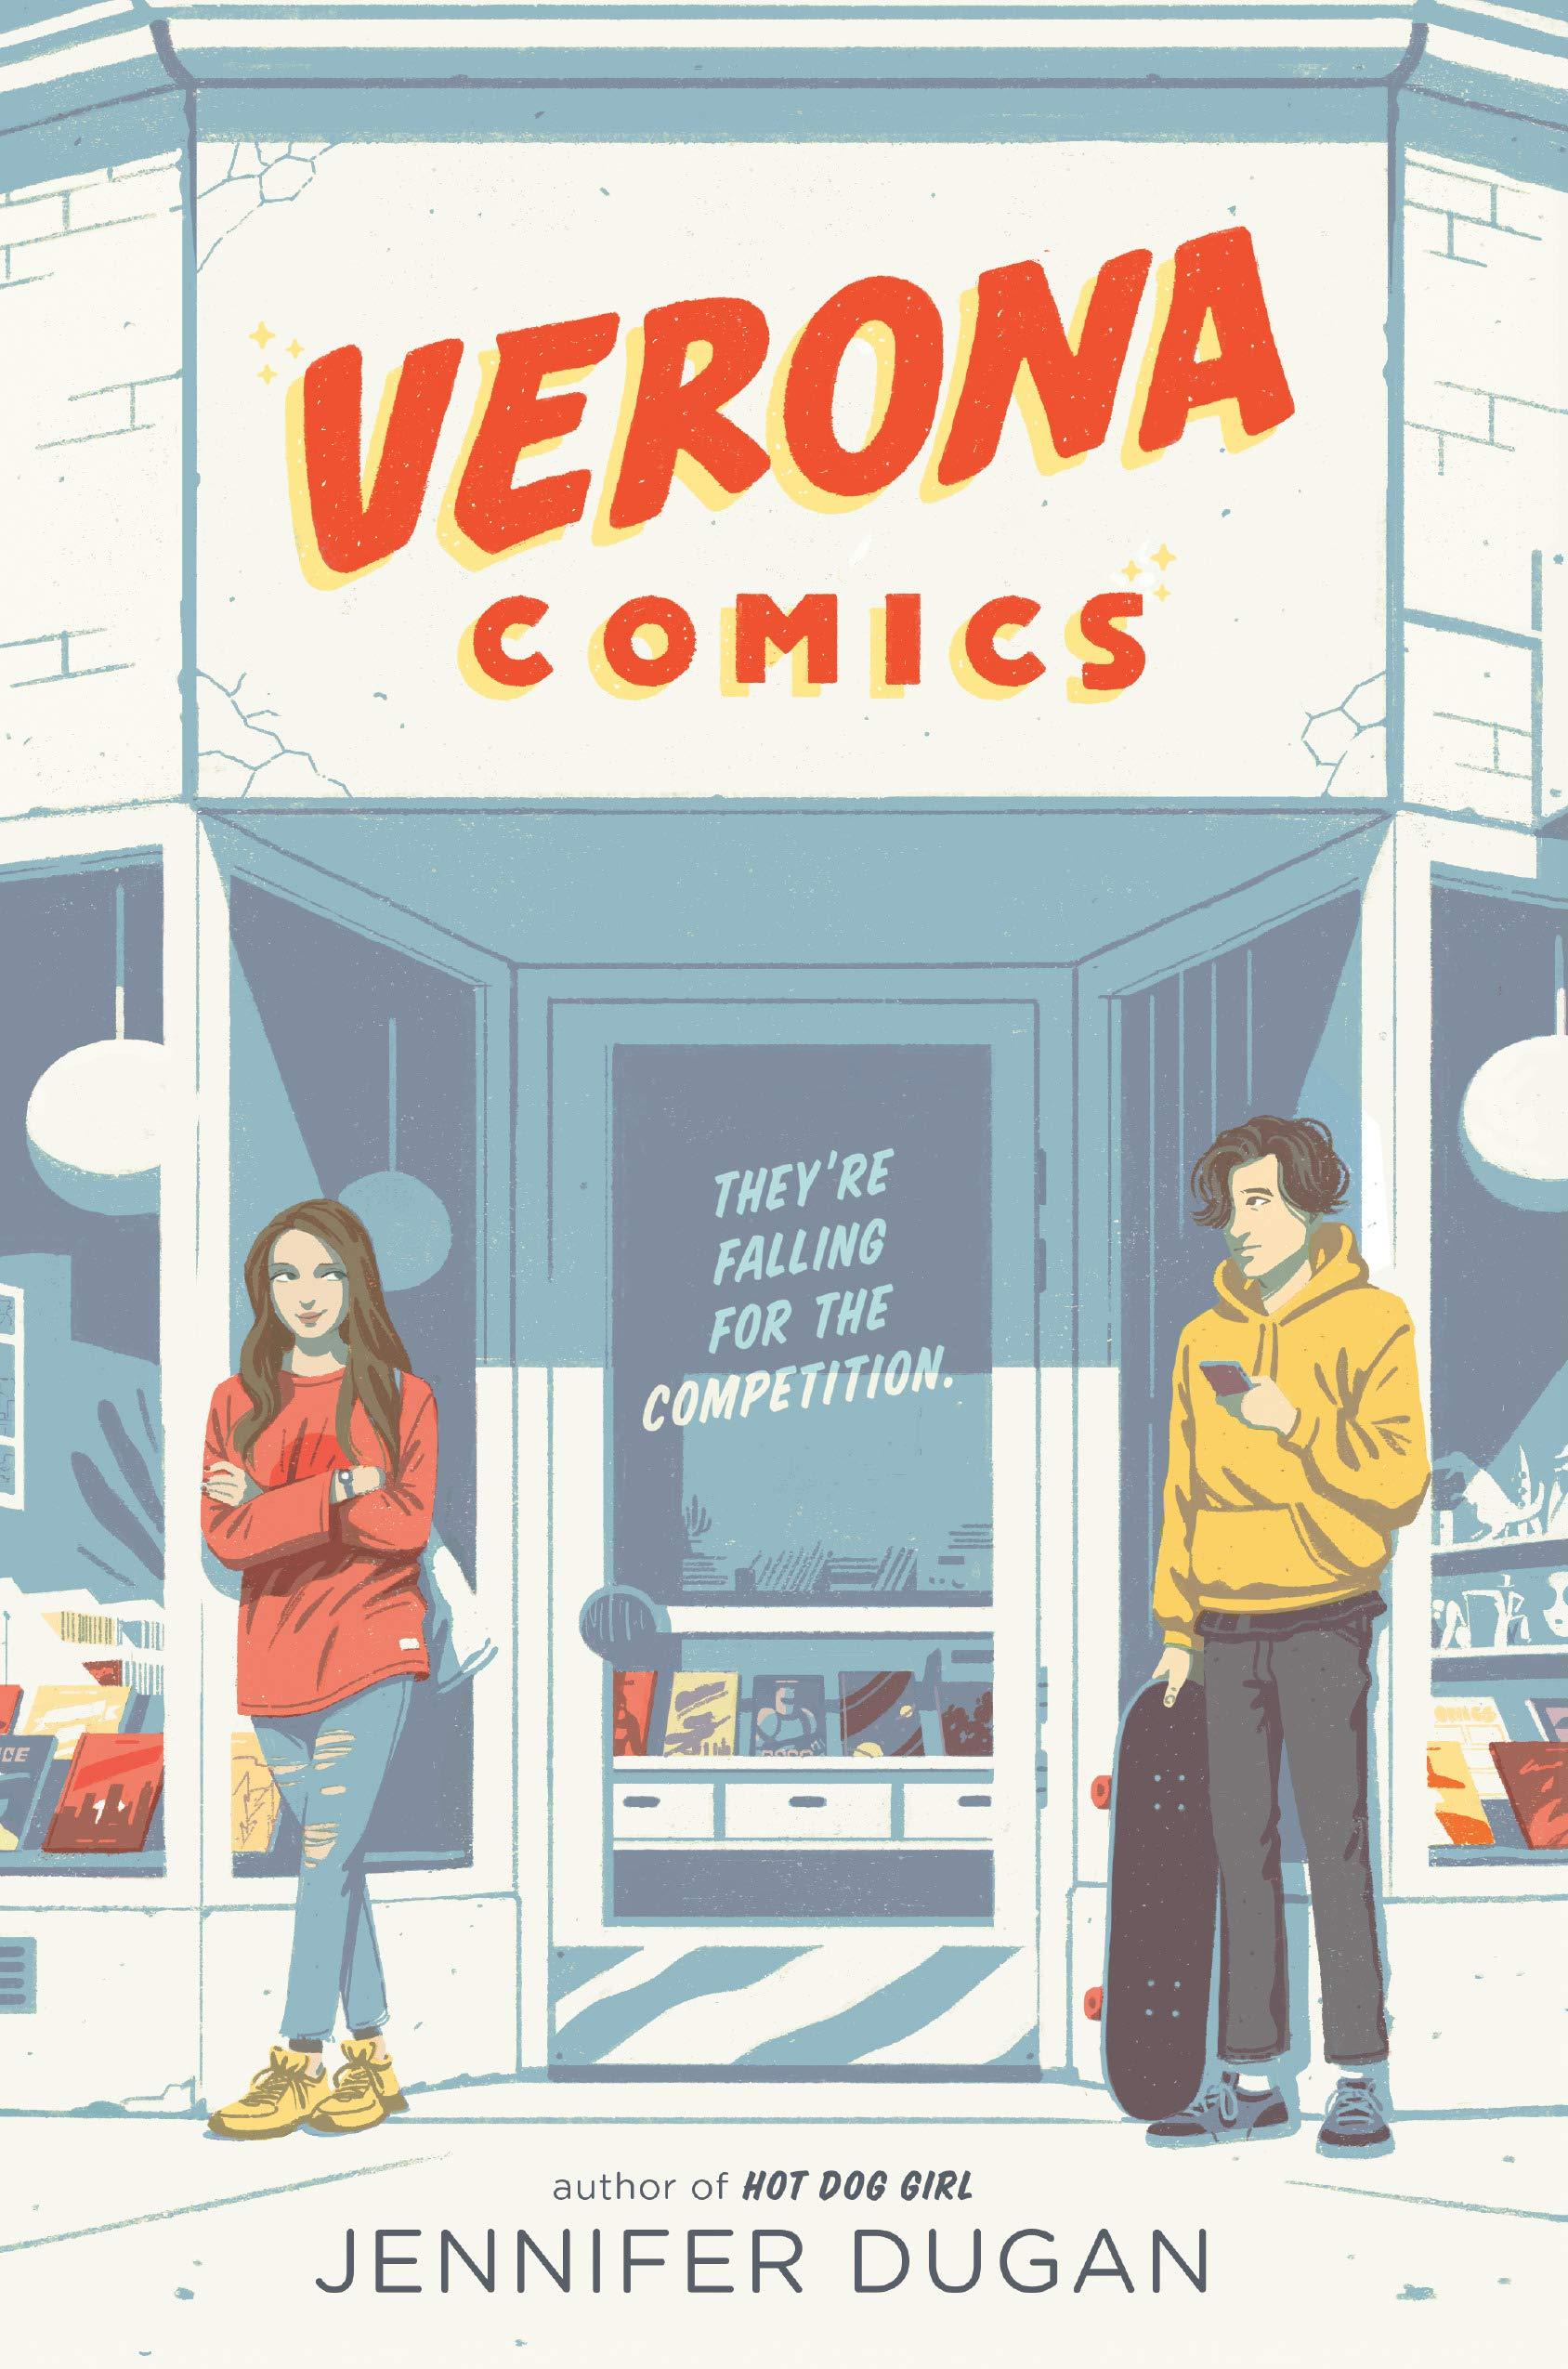 Verona Comics: Dugan, Jennifer: 9780525516286: Amazon.com: Books